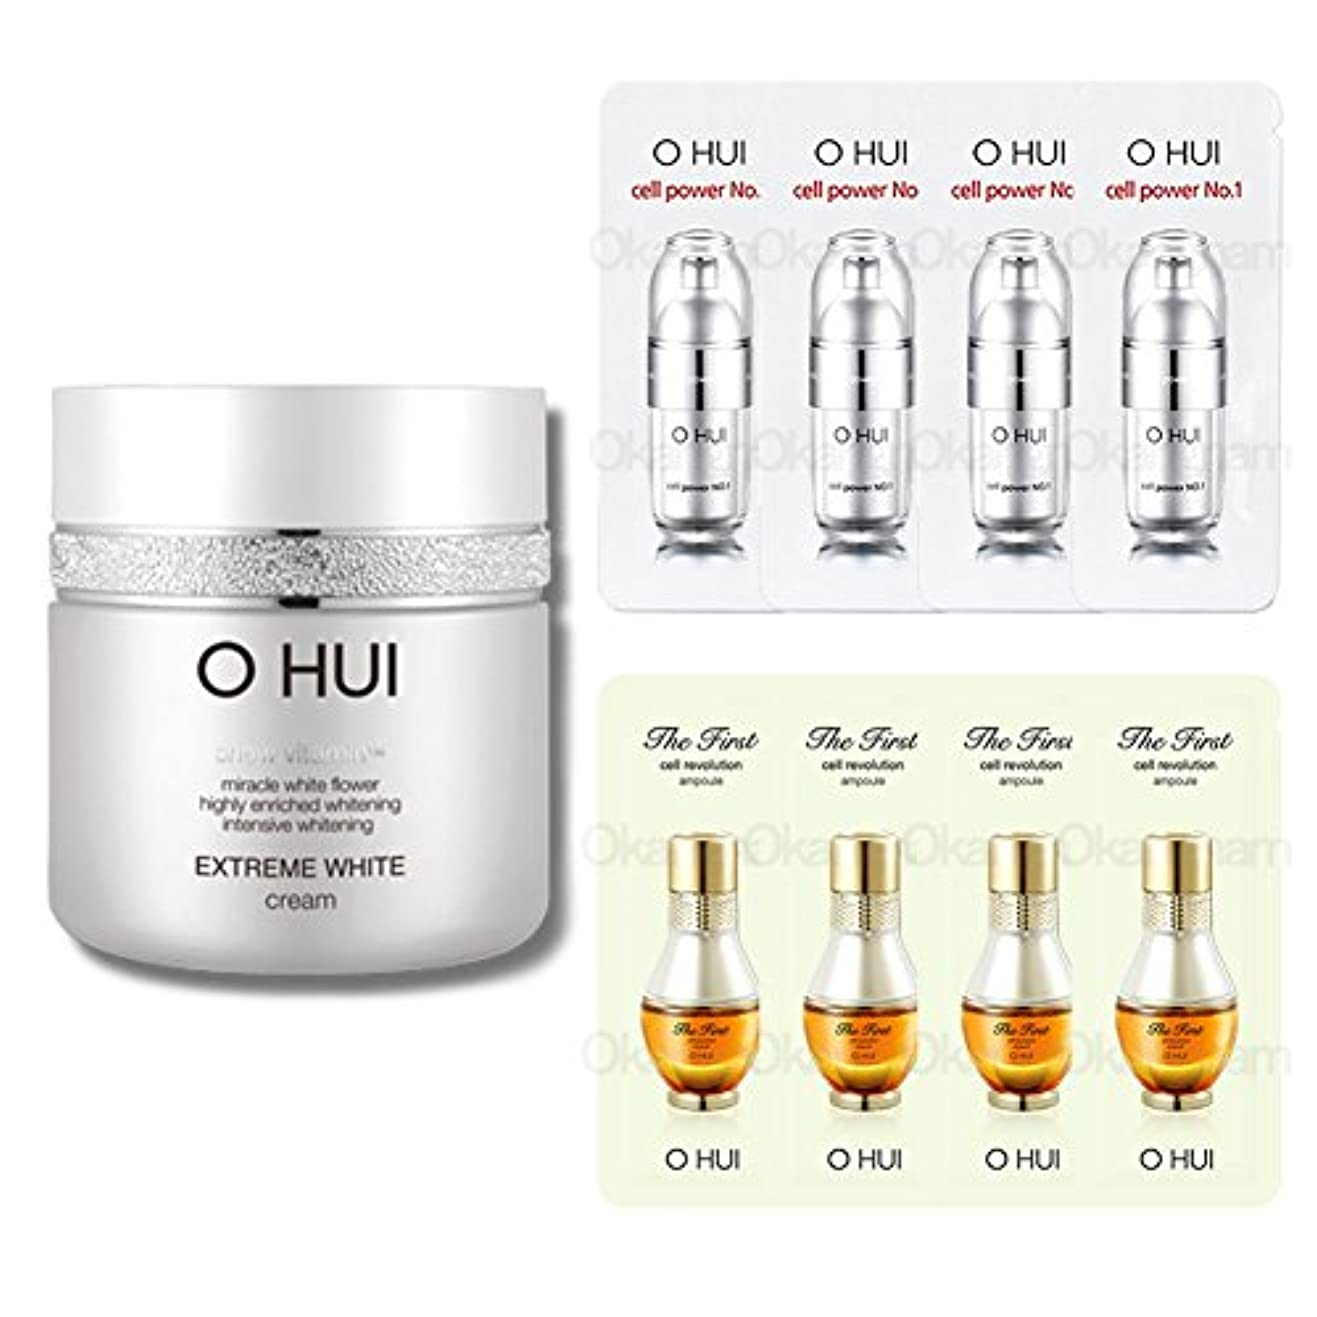 ブラウス約束する少し[オフィ/ O HUI]韓国化粧品 LG生活健康/ OHUI OEW04 EXTREME WHITE CREAM/オフィ エクストリーム ホワイトクリーム 50ml +[Sample Gift](海外直送品)